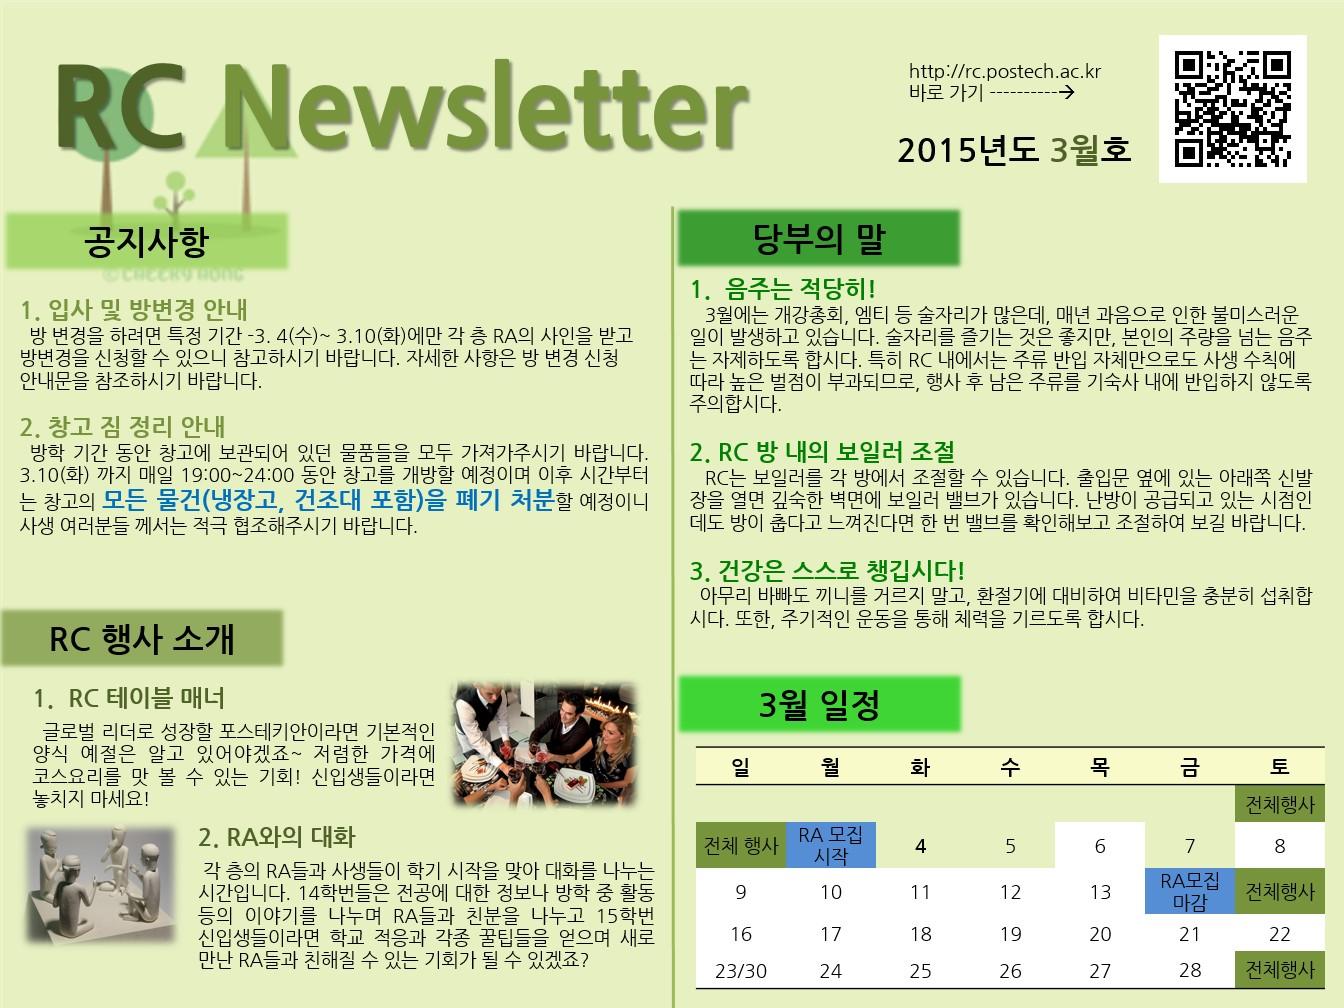 2015년도 3월호